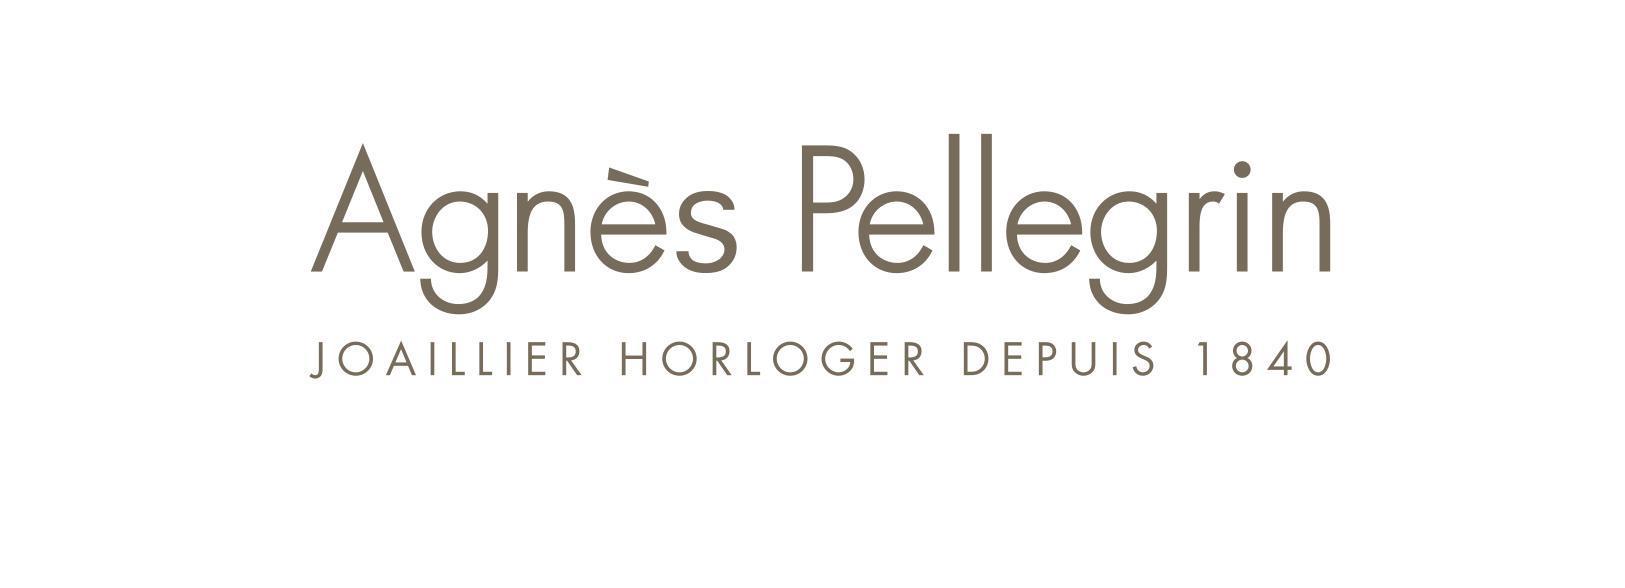 Agnès Pellegrin bijouterie et joaillerie (détail)